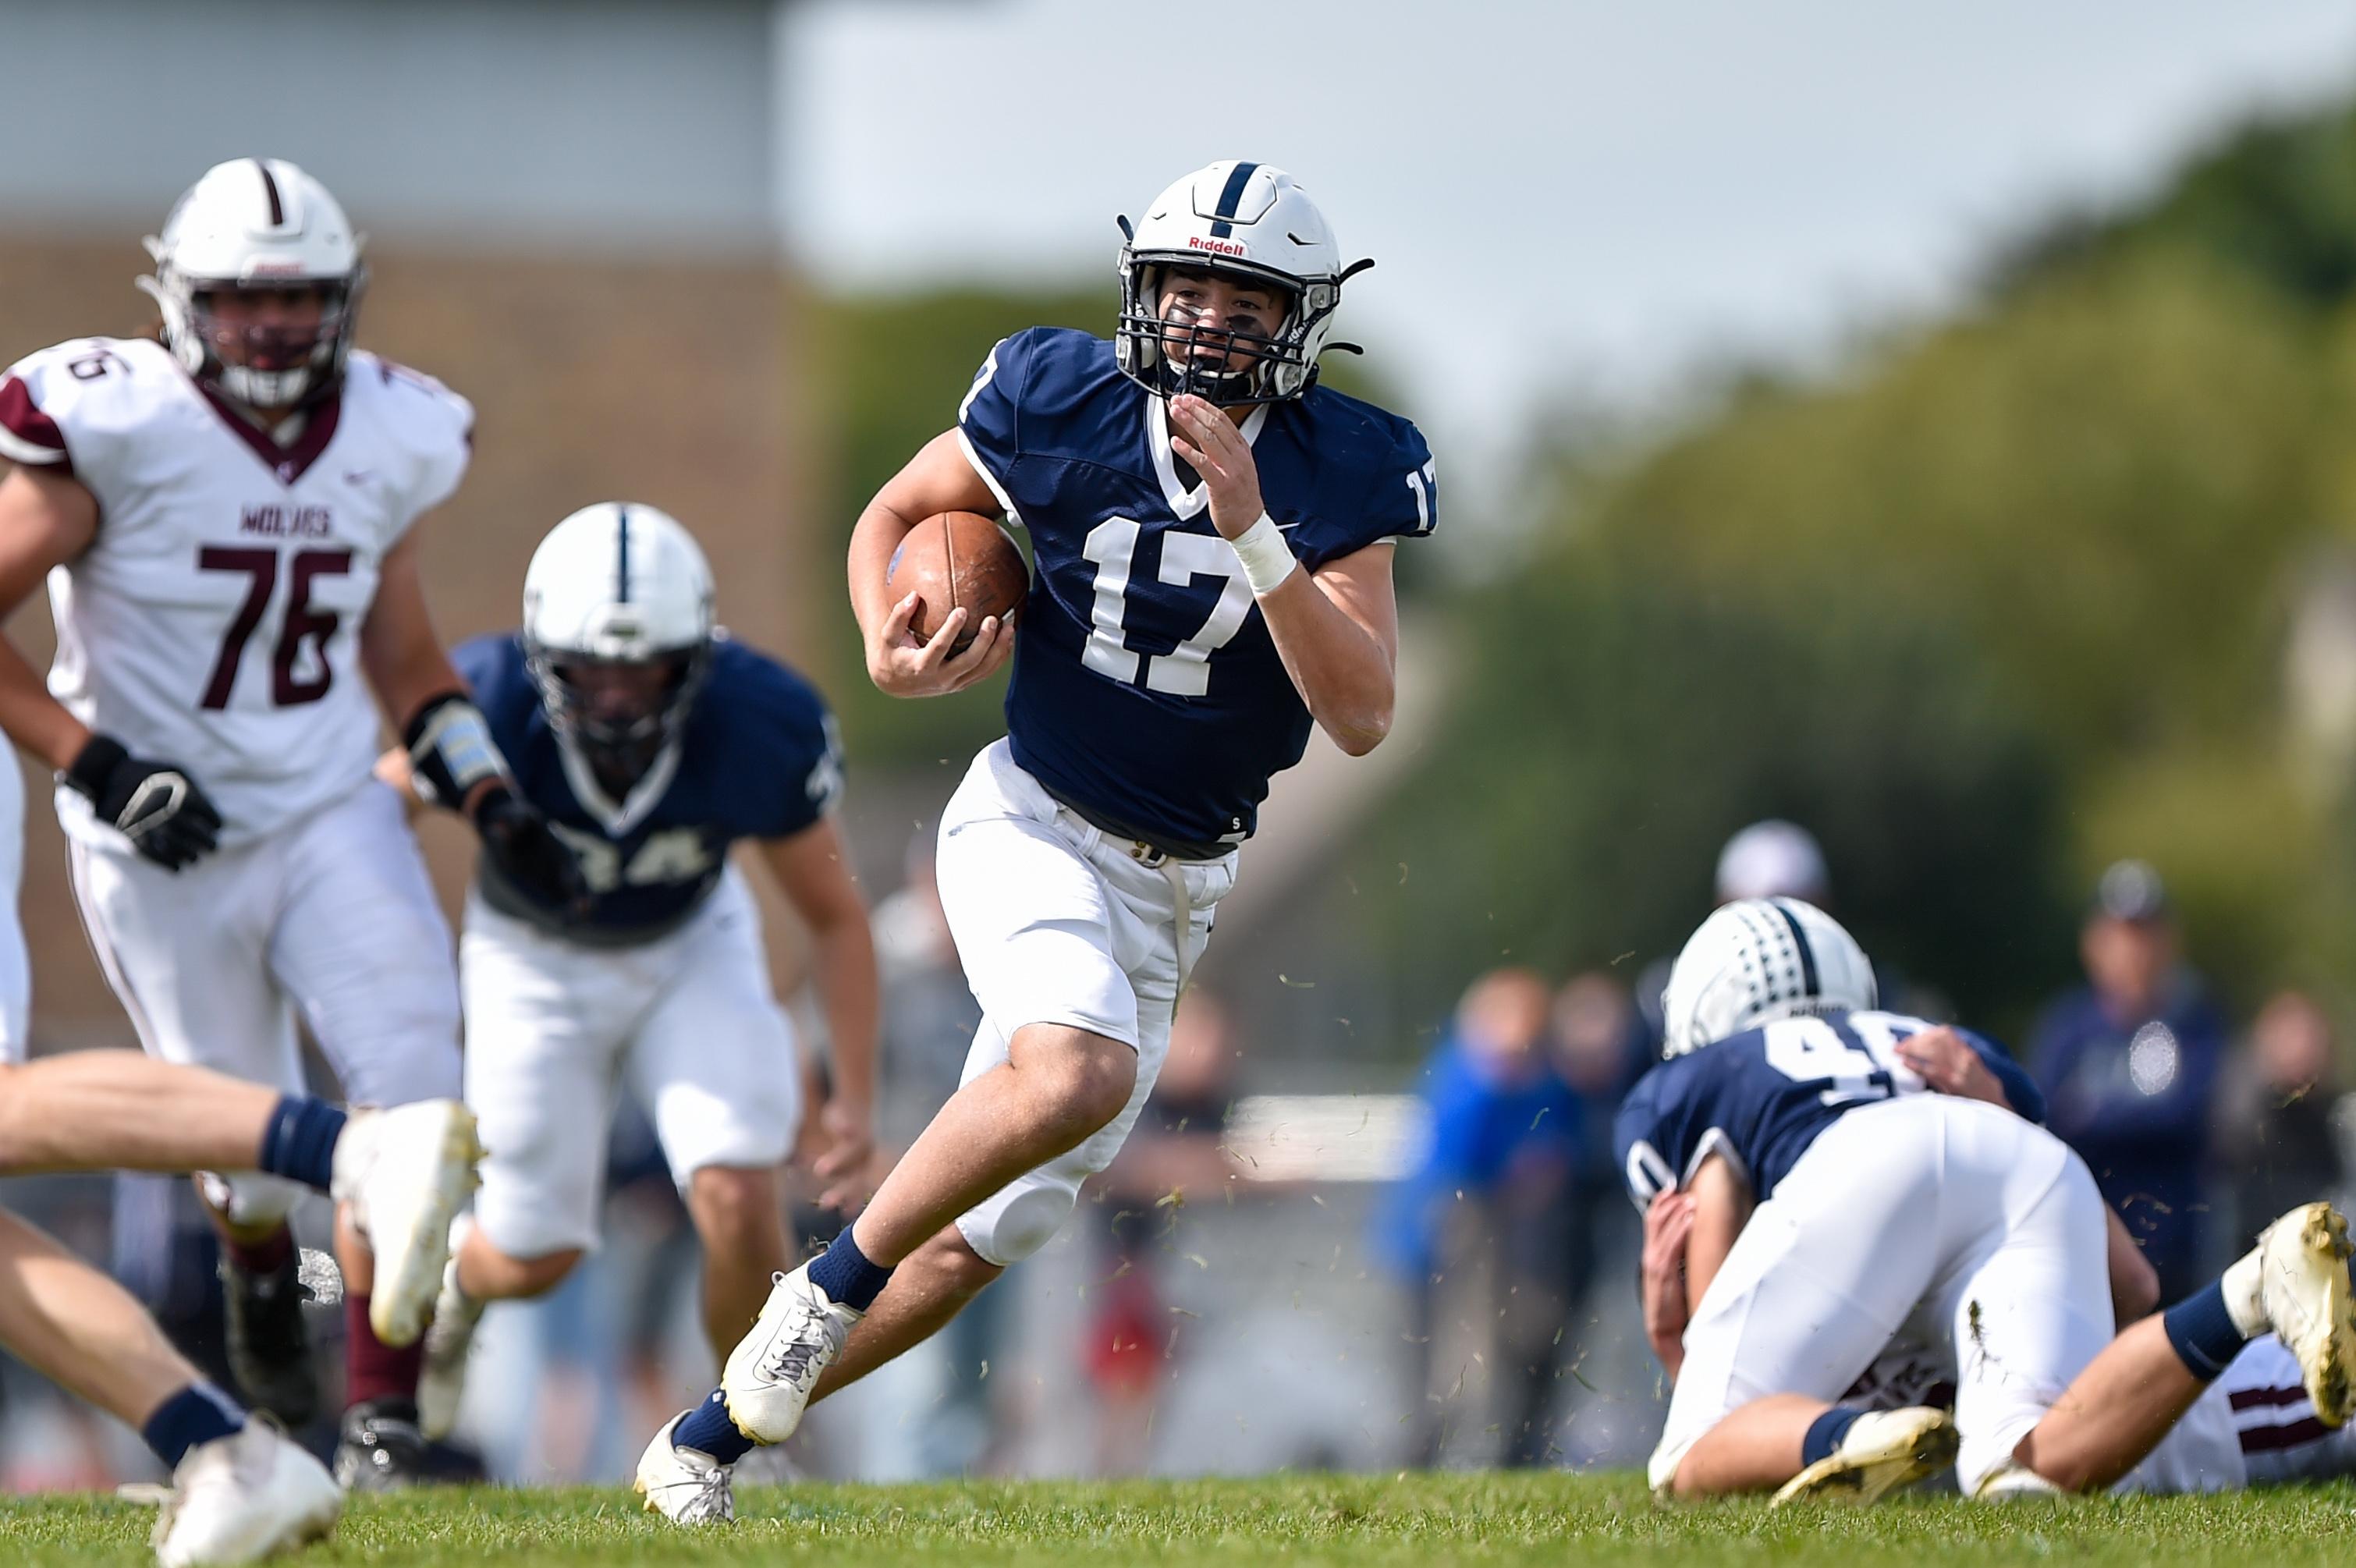 Cary-Grove's Jameson Sheehan (17) runs the ball against Prairie Ridge.